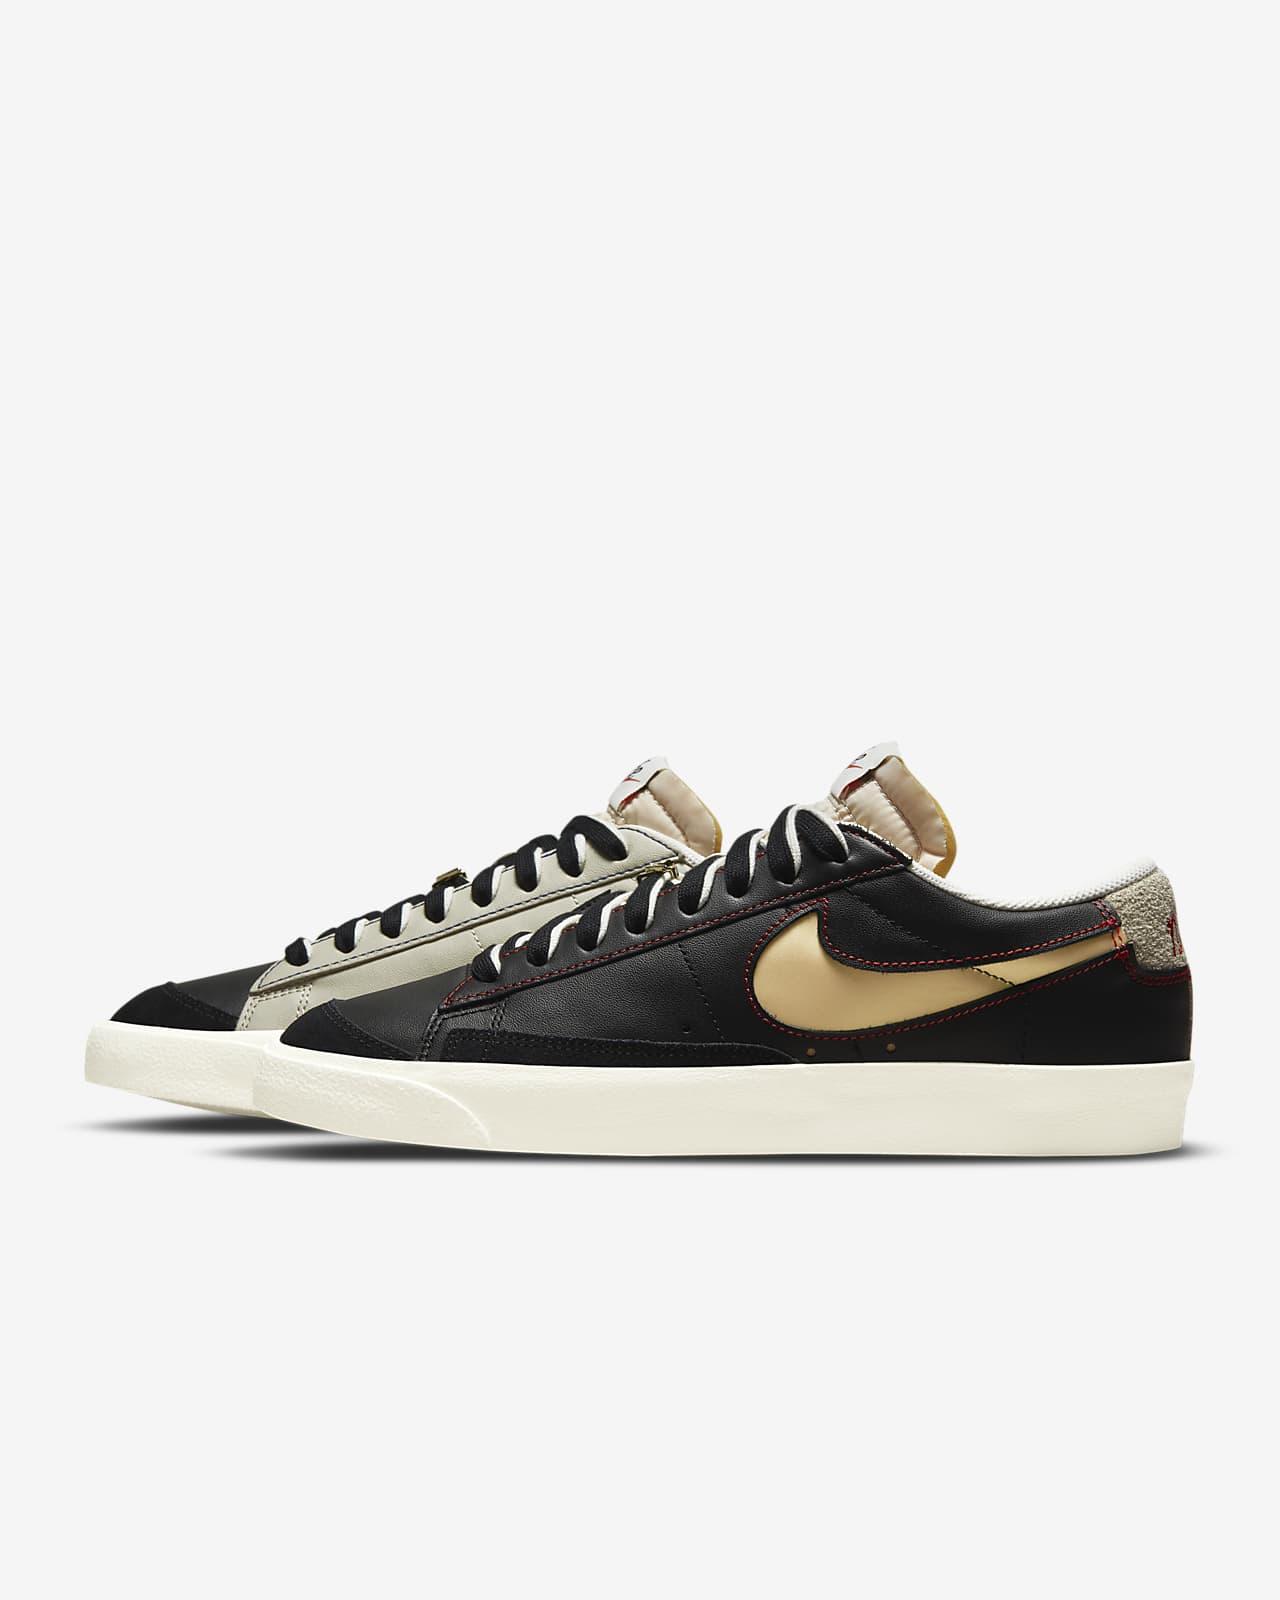 Nike Blazer 低筒 '77 PRM 男鞋